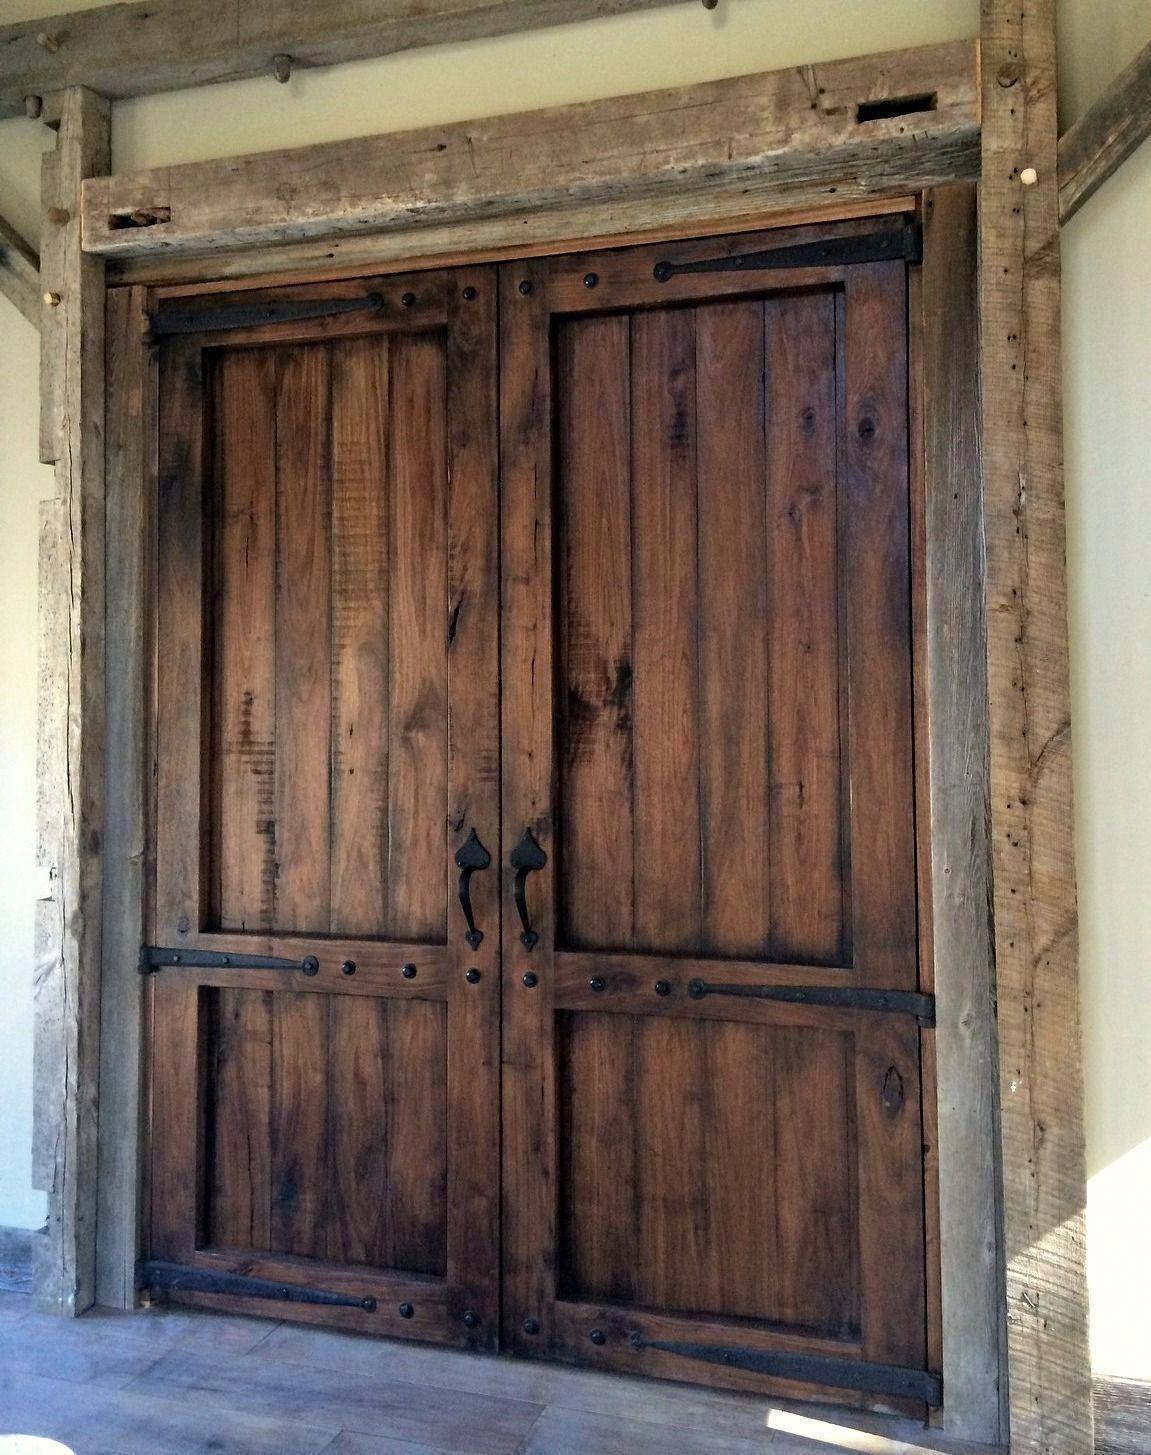 Barn Door In House Farmhouse Sliding Door Barnwood Barn Doors 20181201 Interiorbarndoordiy Rustic Doors Barn Door In House Interior Barn Doors